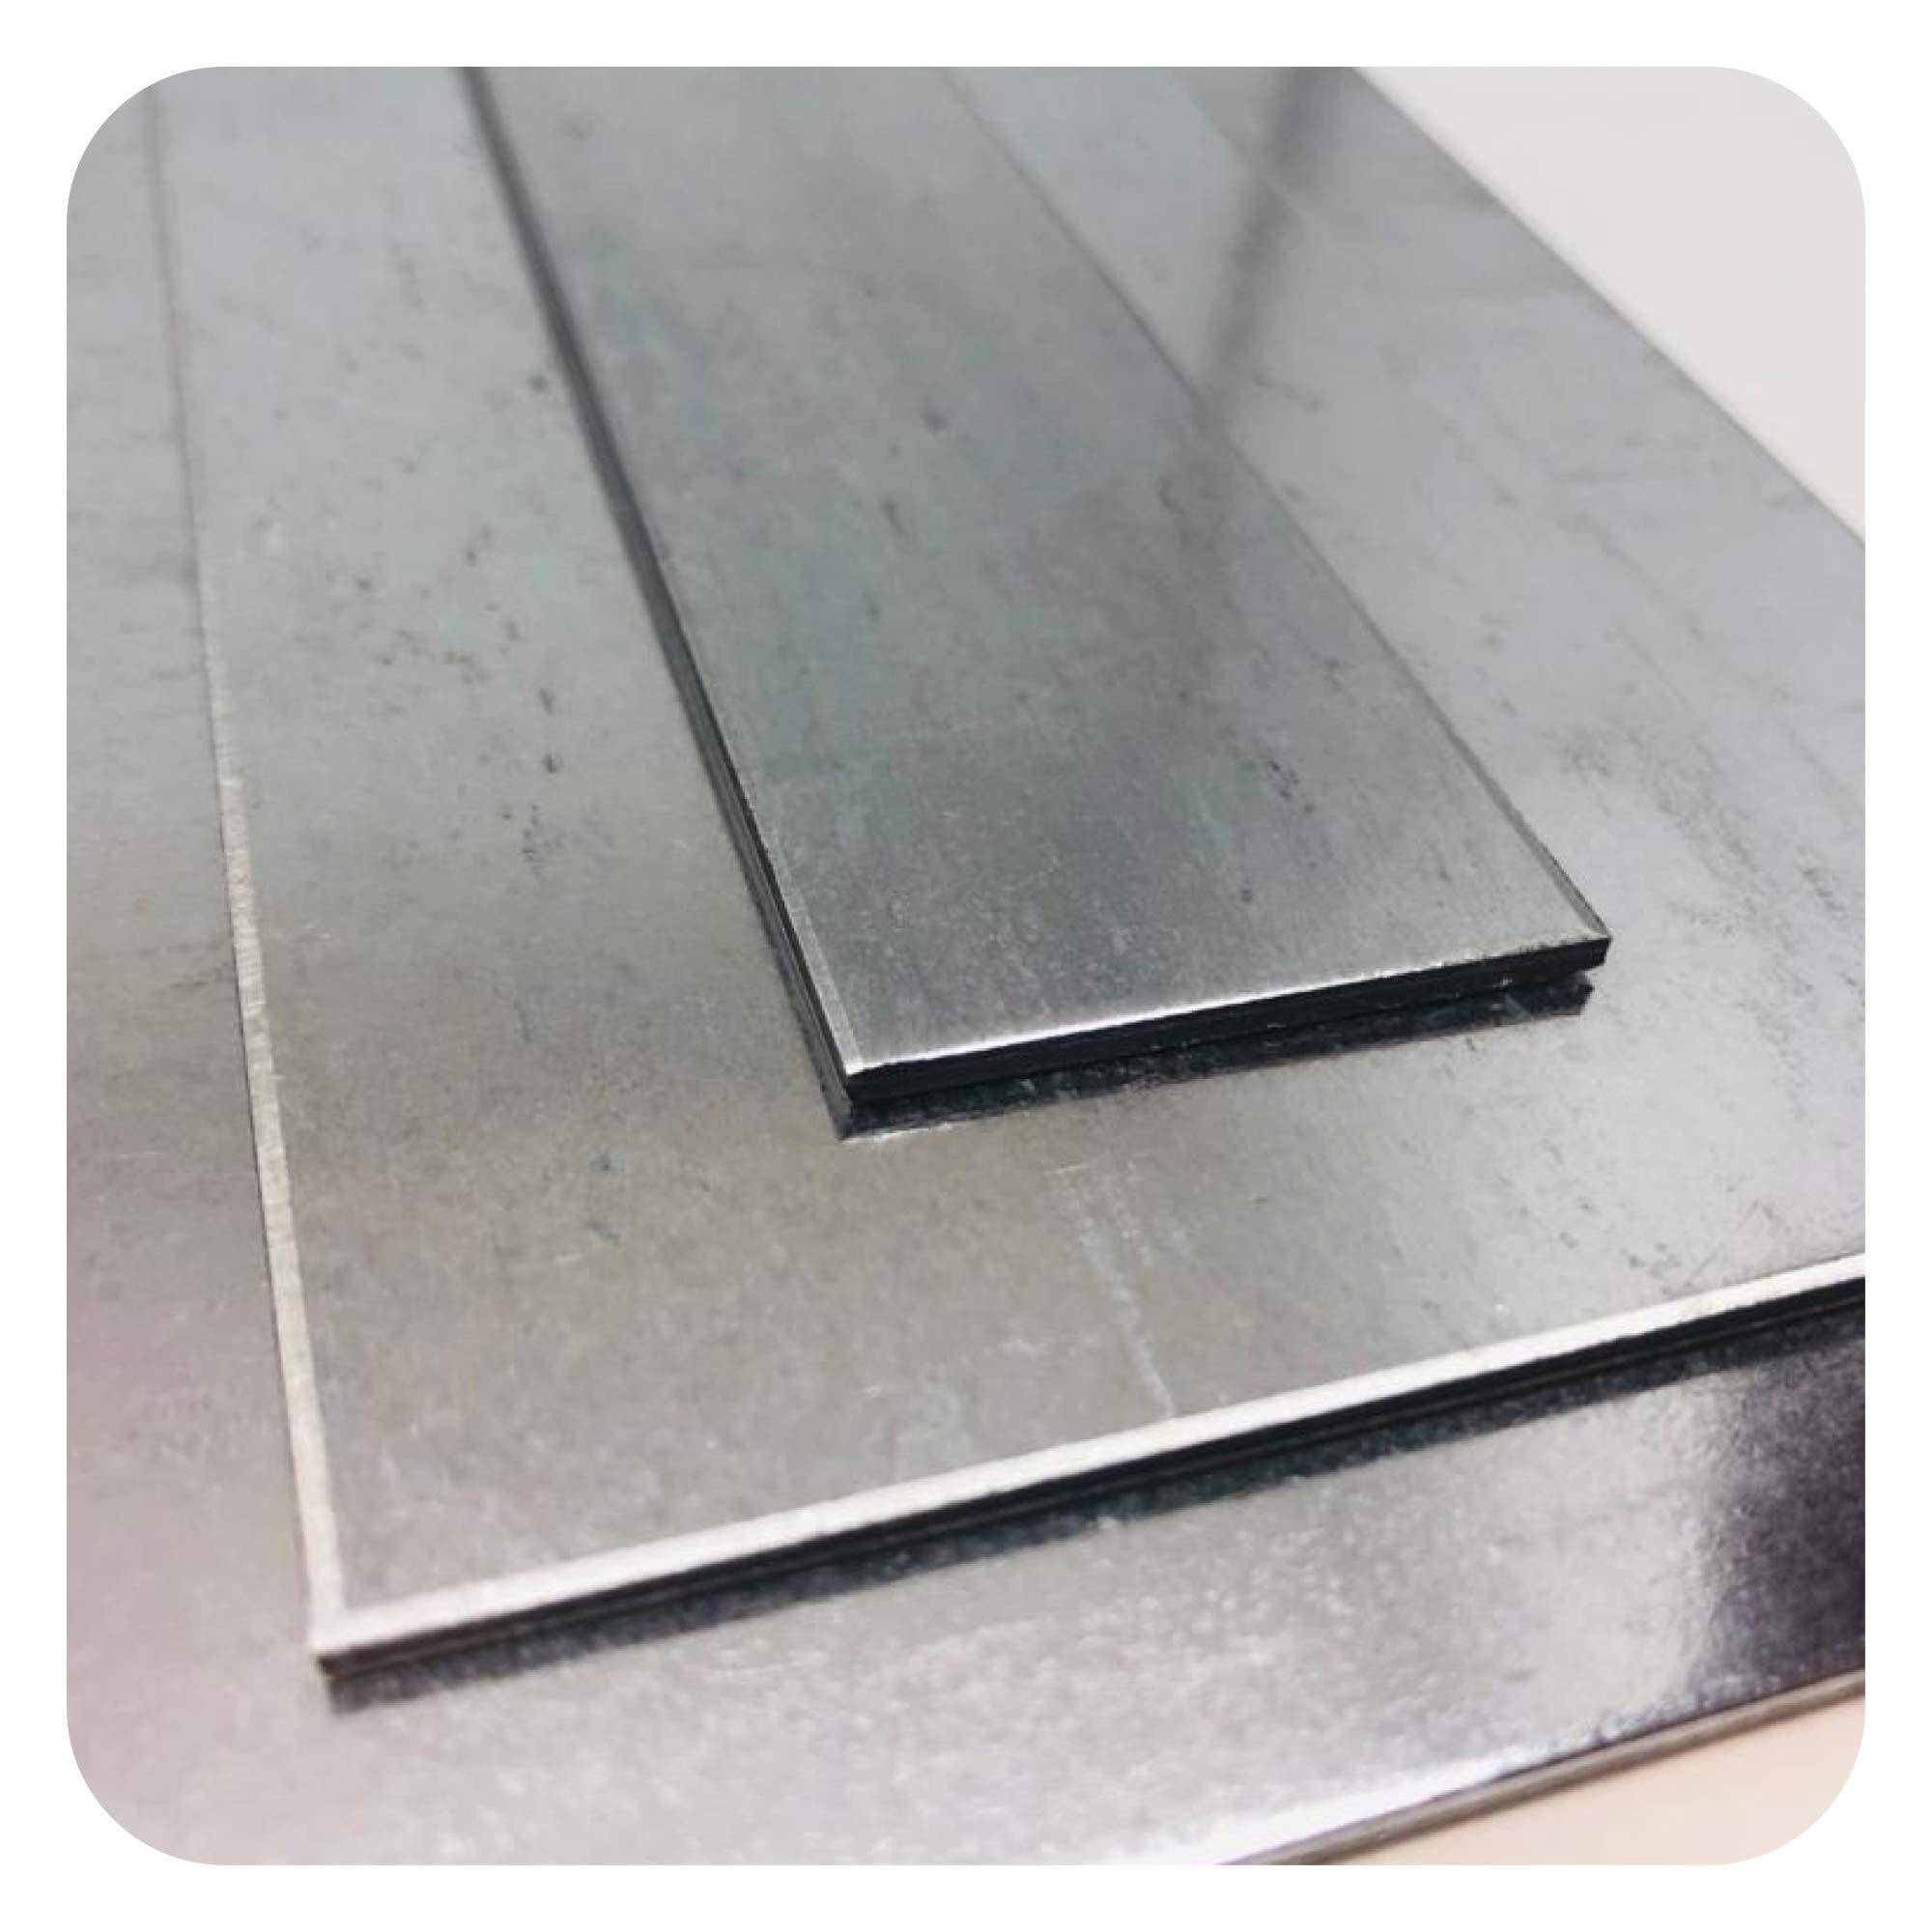 Chapa de acero galvanizado, ancla de 0,7 mm hasta 3 mm, chapas cortadas a elegir: Amazon.es: Bricolaje y herramientas